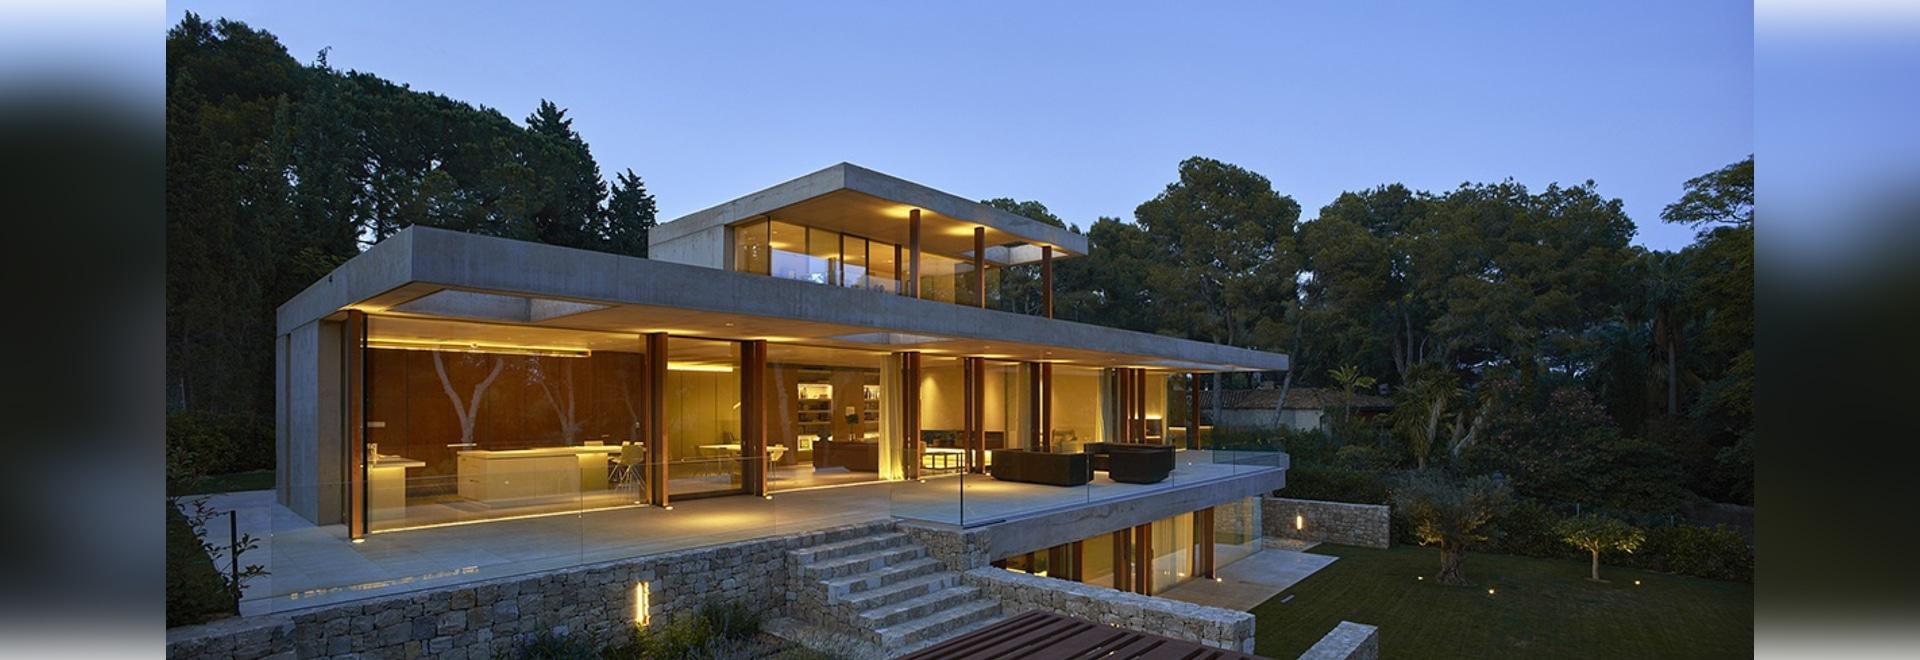 Haus in der Kiefer Forest By Ramon Esteve - Madrid, Spain